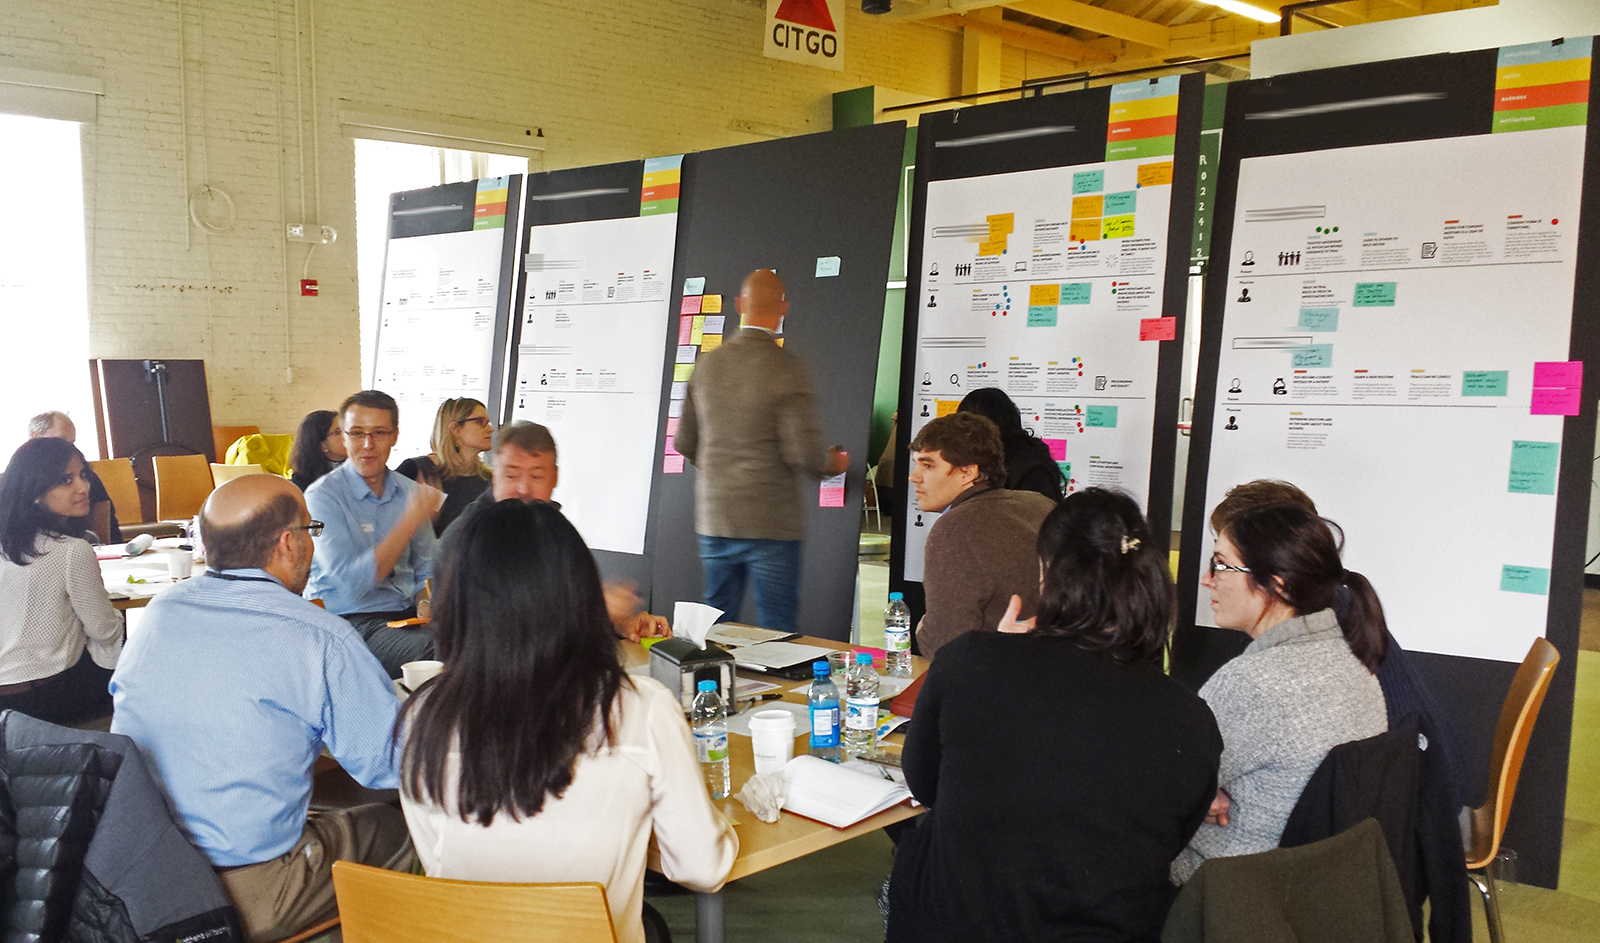 workshop-action.jpg